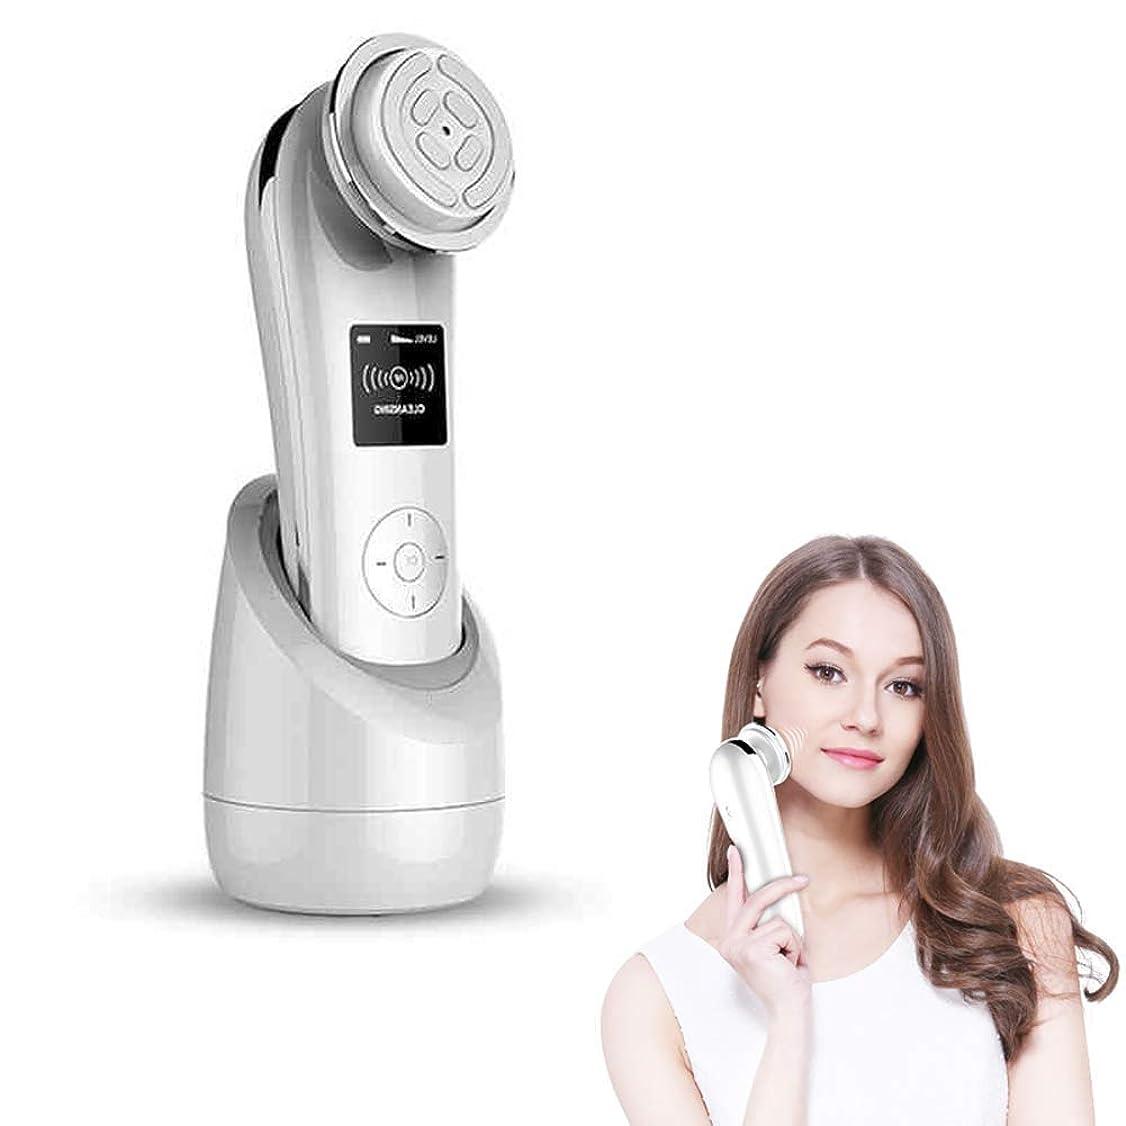 ボイコット確認してください依存する美容機EMS LED光子顔リフティング引き締めマッサージ顔RF肌の若返り反年齢ディープクリーニングデバイス